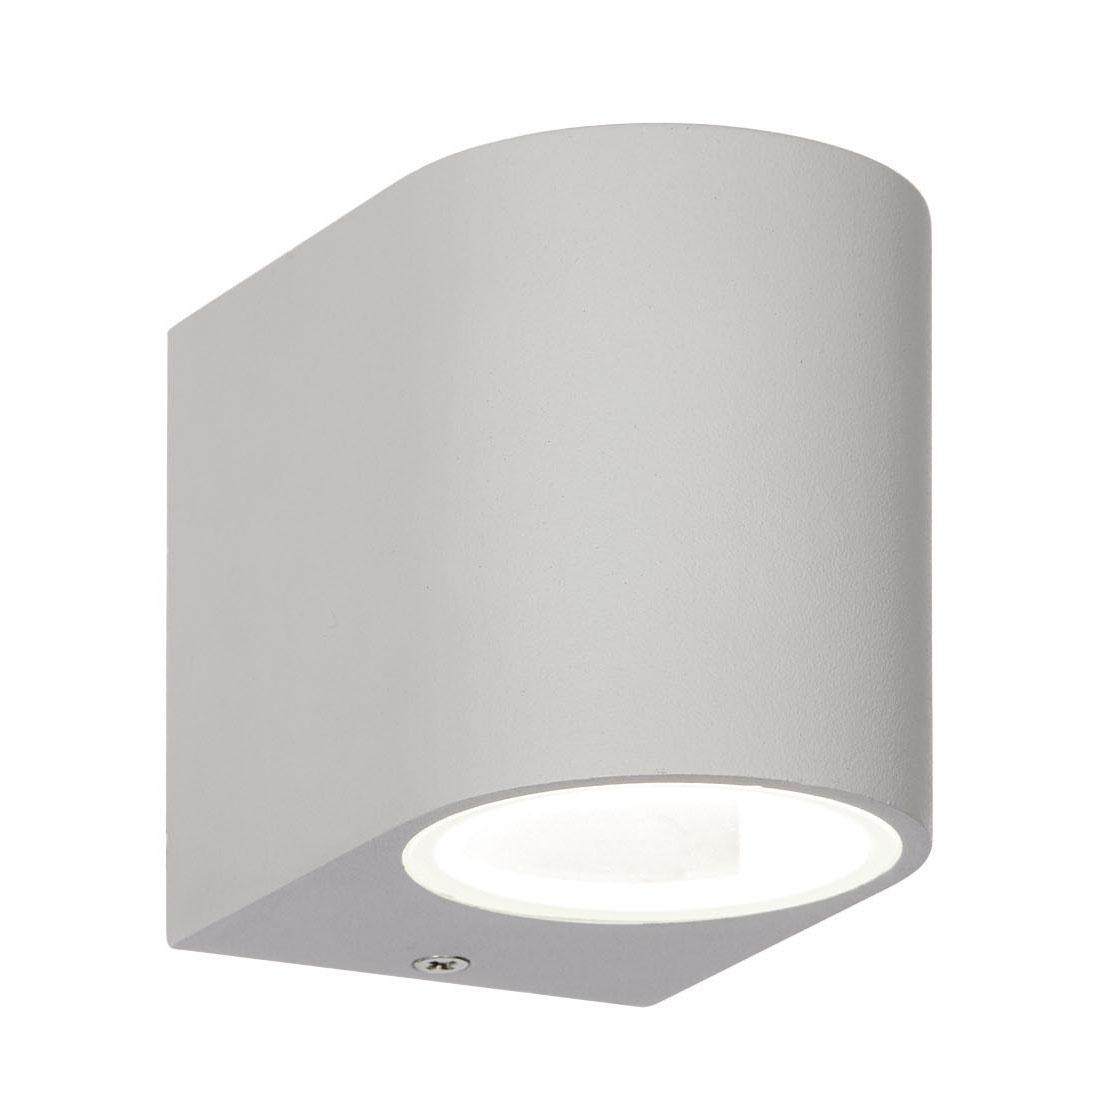 Уличный настенный светильник Ideal Lux Astro AP1 Bianco ideal lux уличный настенный светильник ideal lux germana ap1 bianco